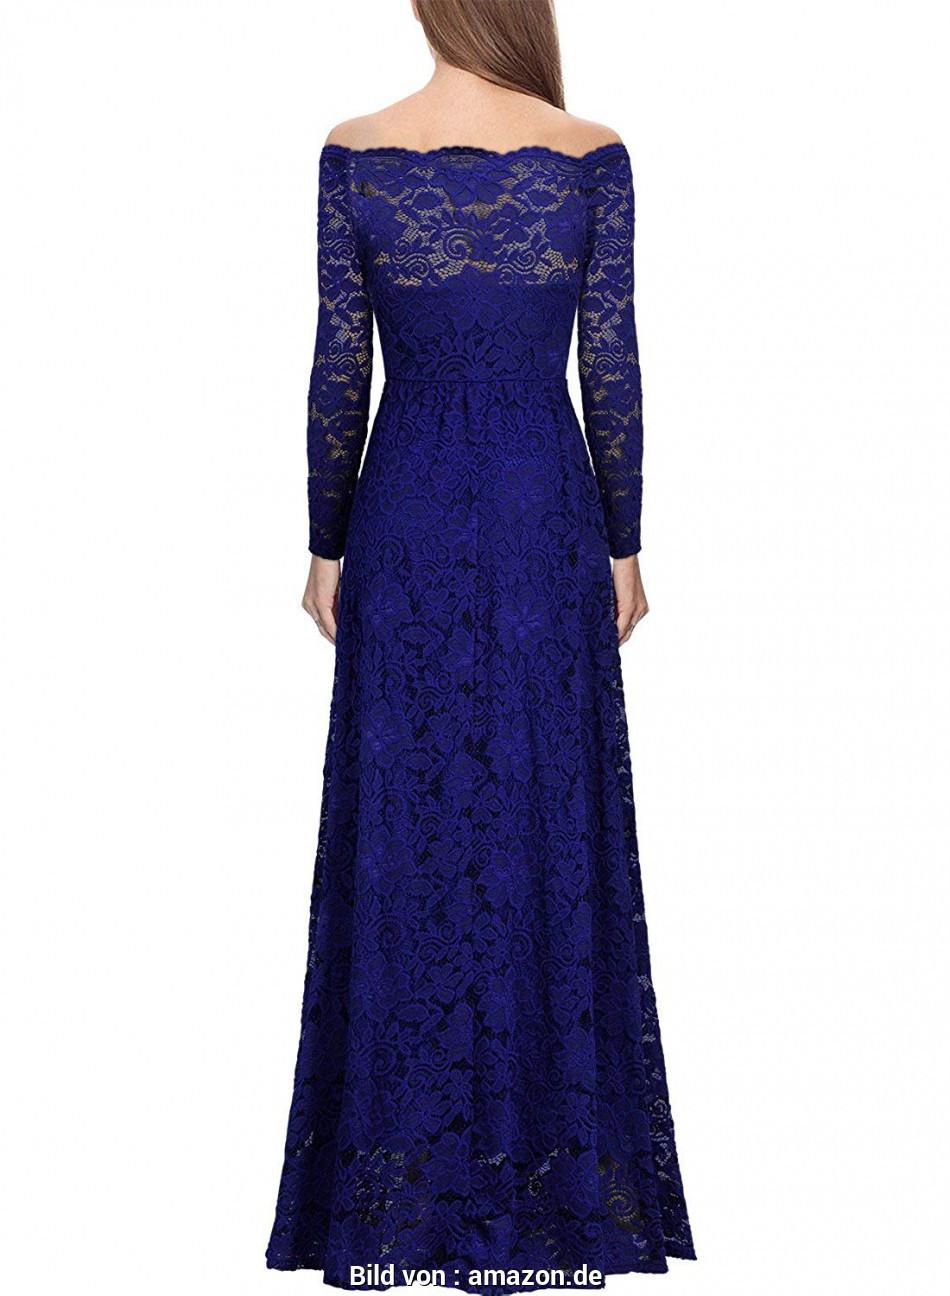 10 Spektakulär Abendkleider Xxl Damen DesignAbend Luxus Abendkleider Xxl Damen für 2019